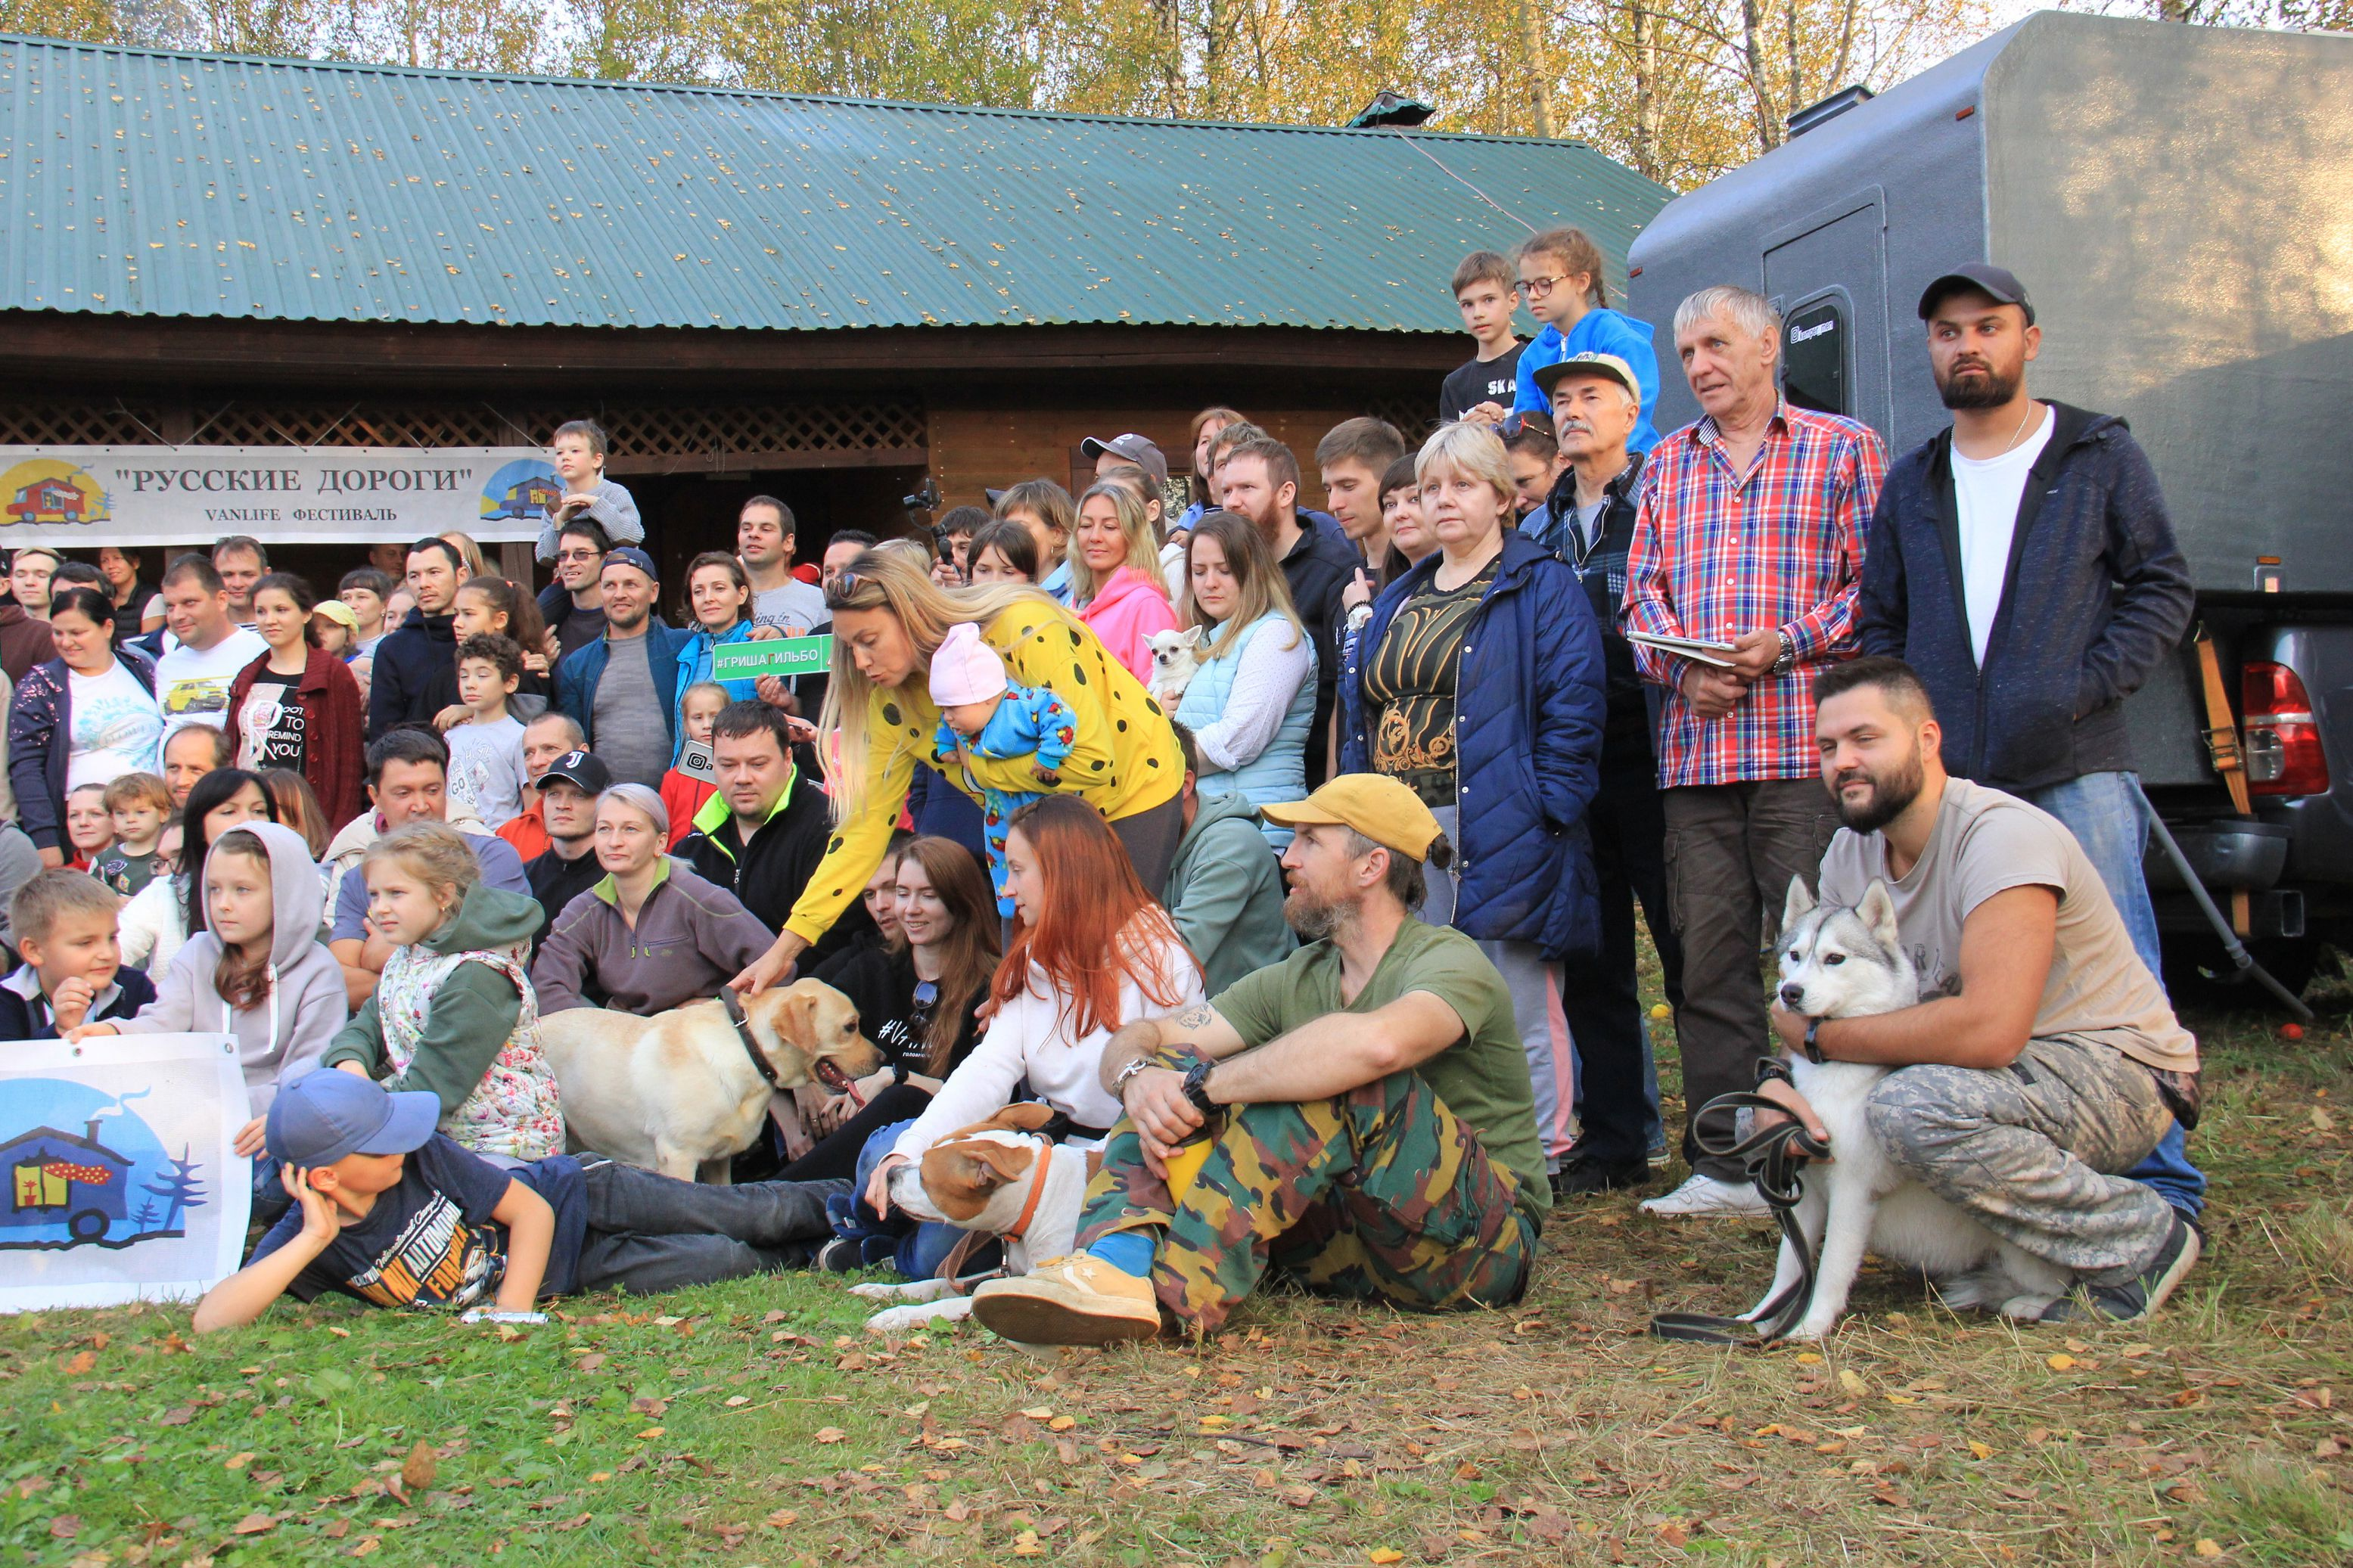 2020-vanlife-festival